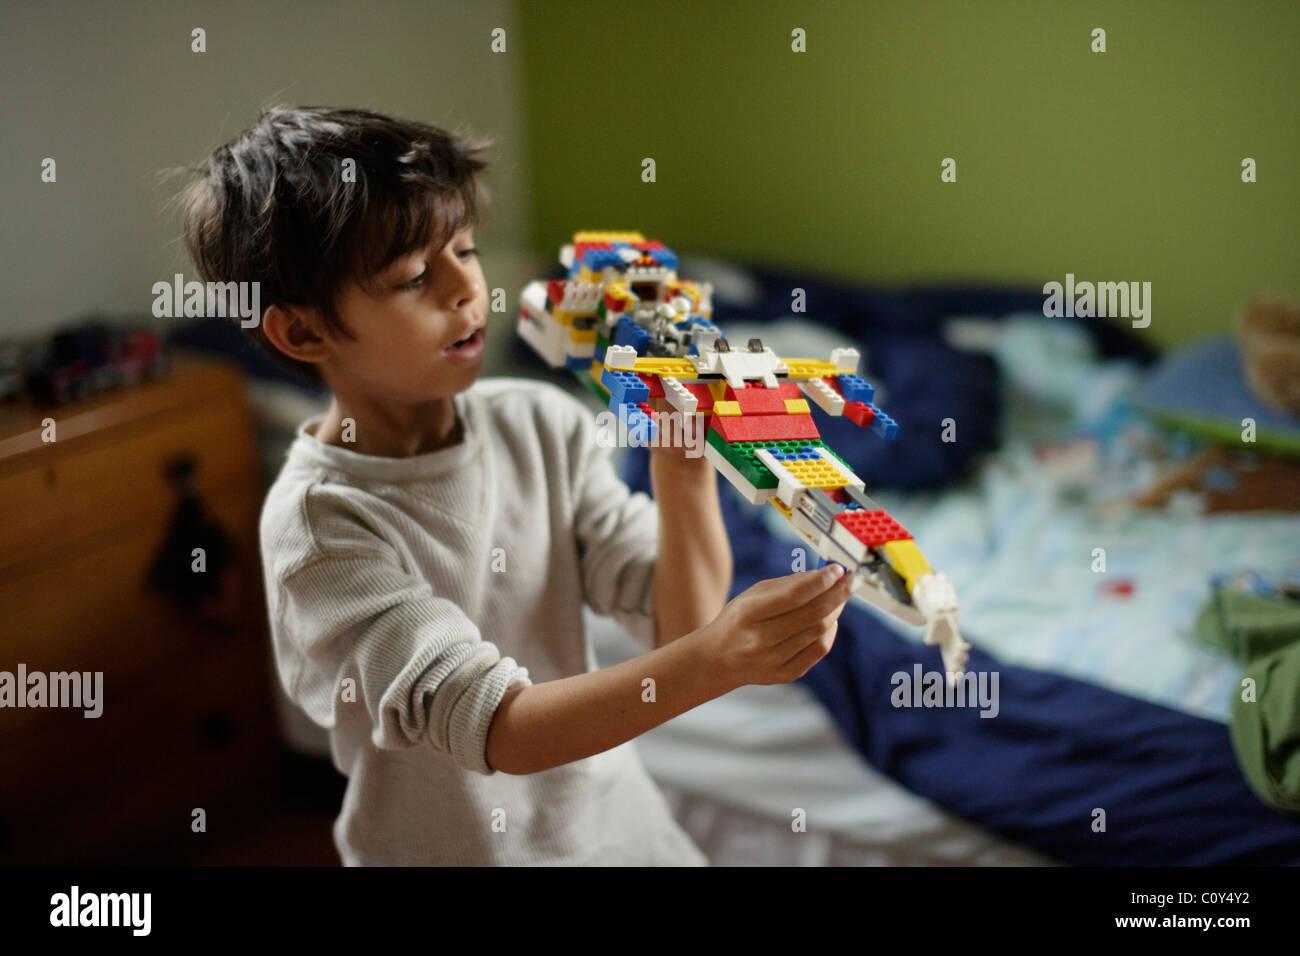 Chico con bloque de plástico nave espacial de su propio diseño Imagen De Stock